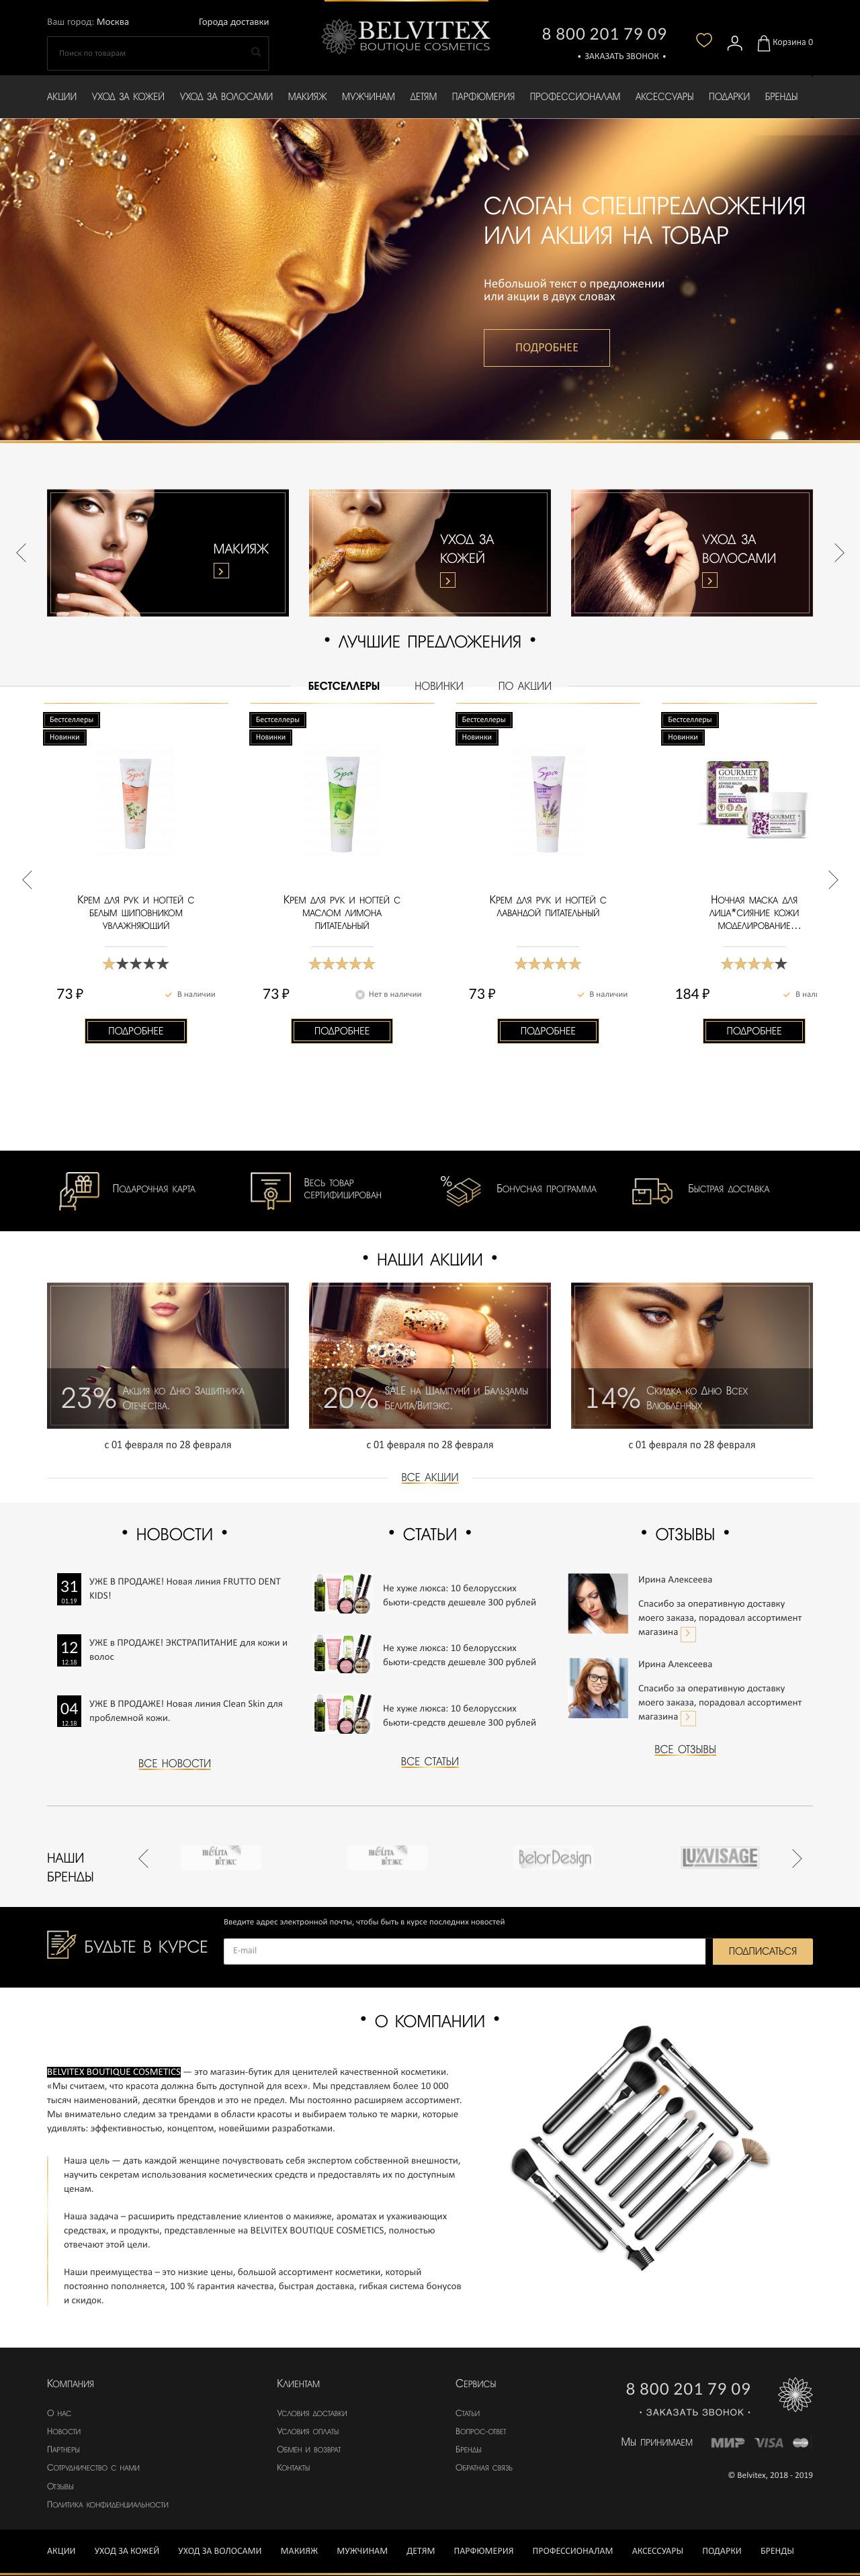 BELVITEX BOUTIQUE COSMETICS — это магазин-бутик для ценителей качественной косметики.